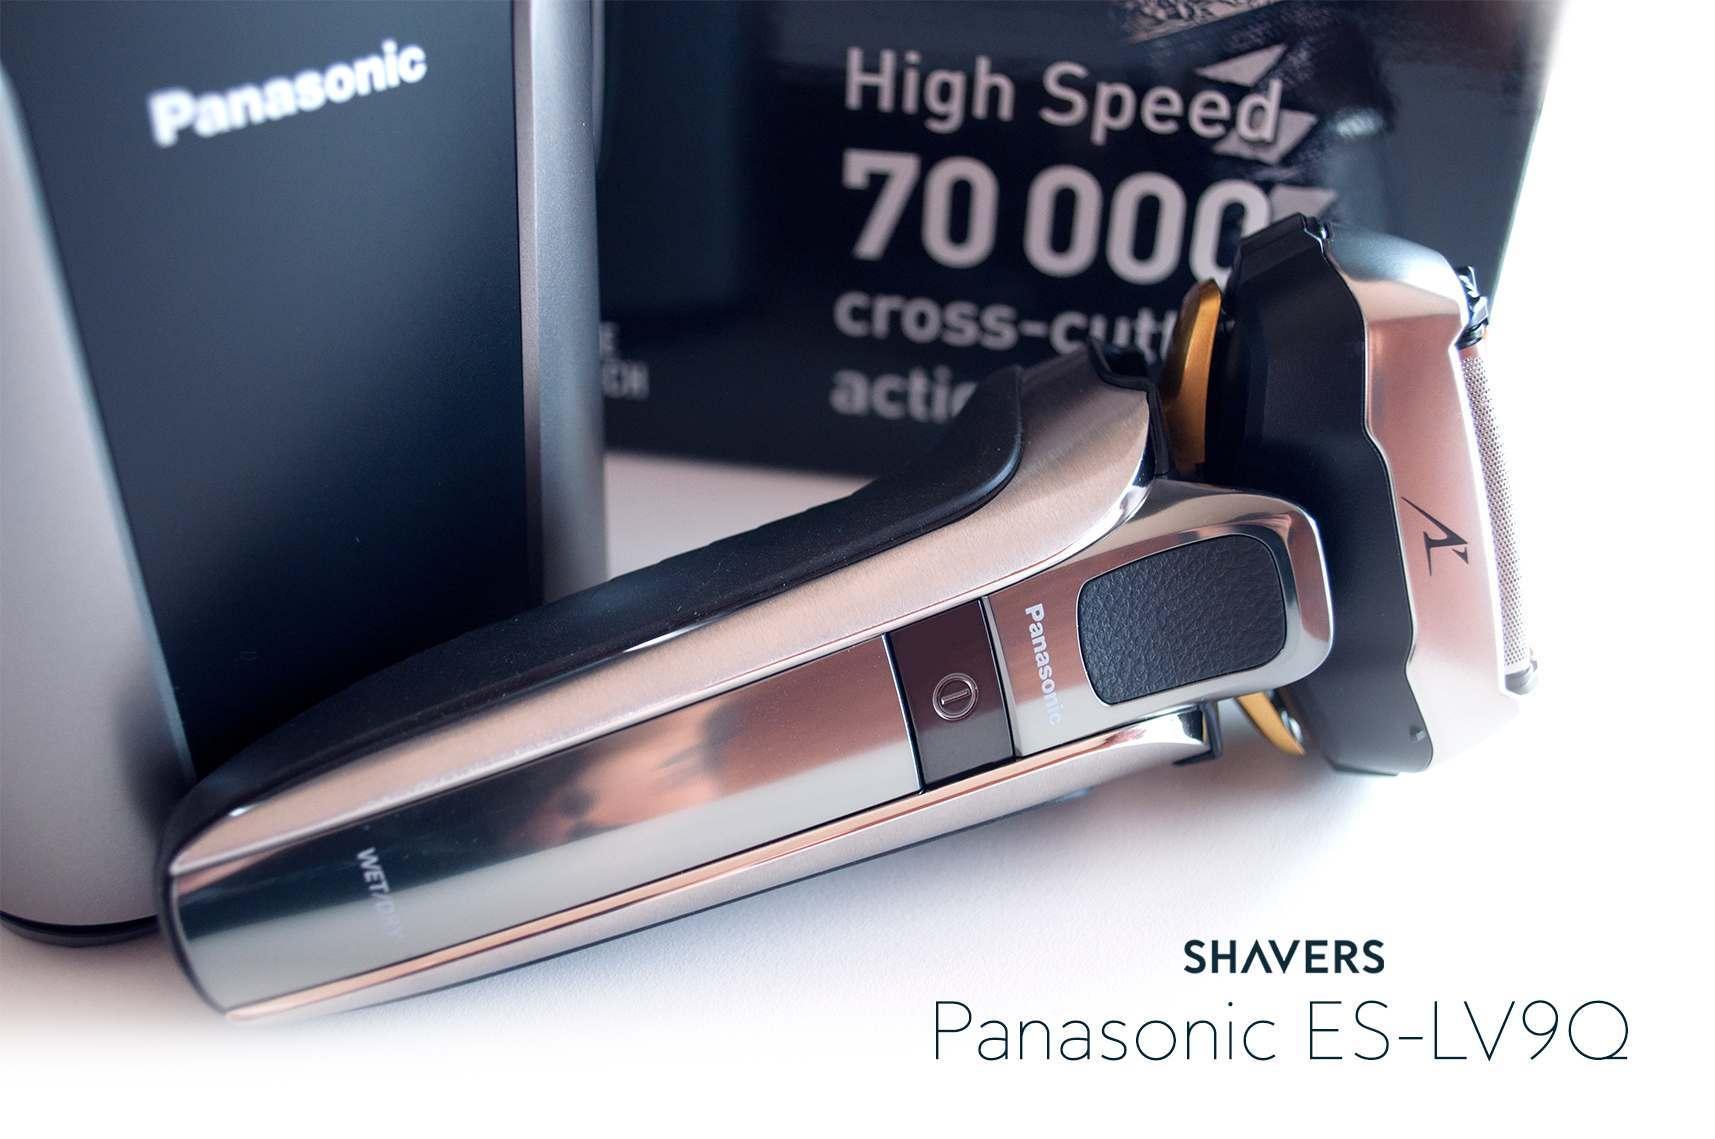 PANASONIC-ES-LV9Q (1)